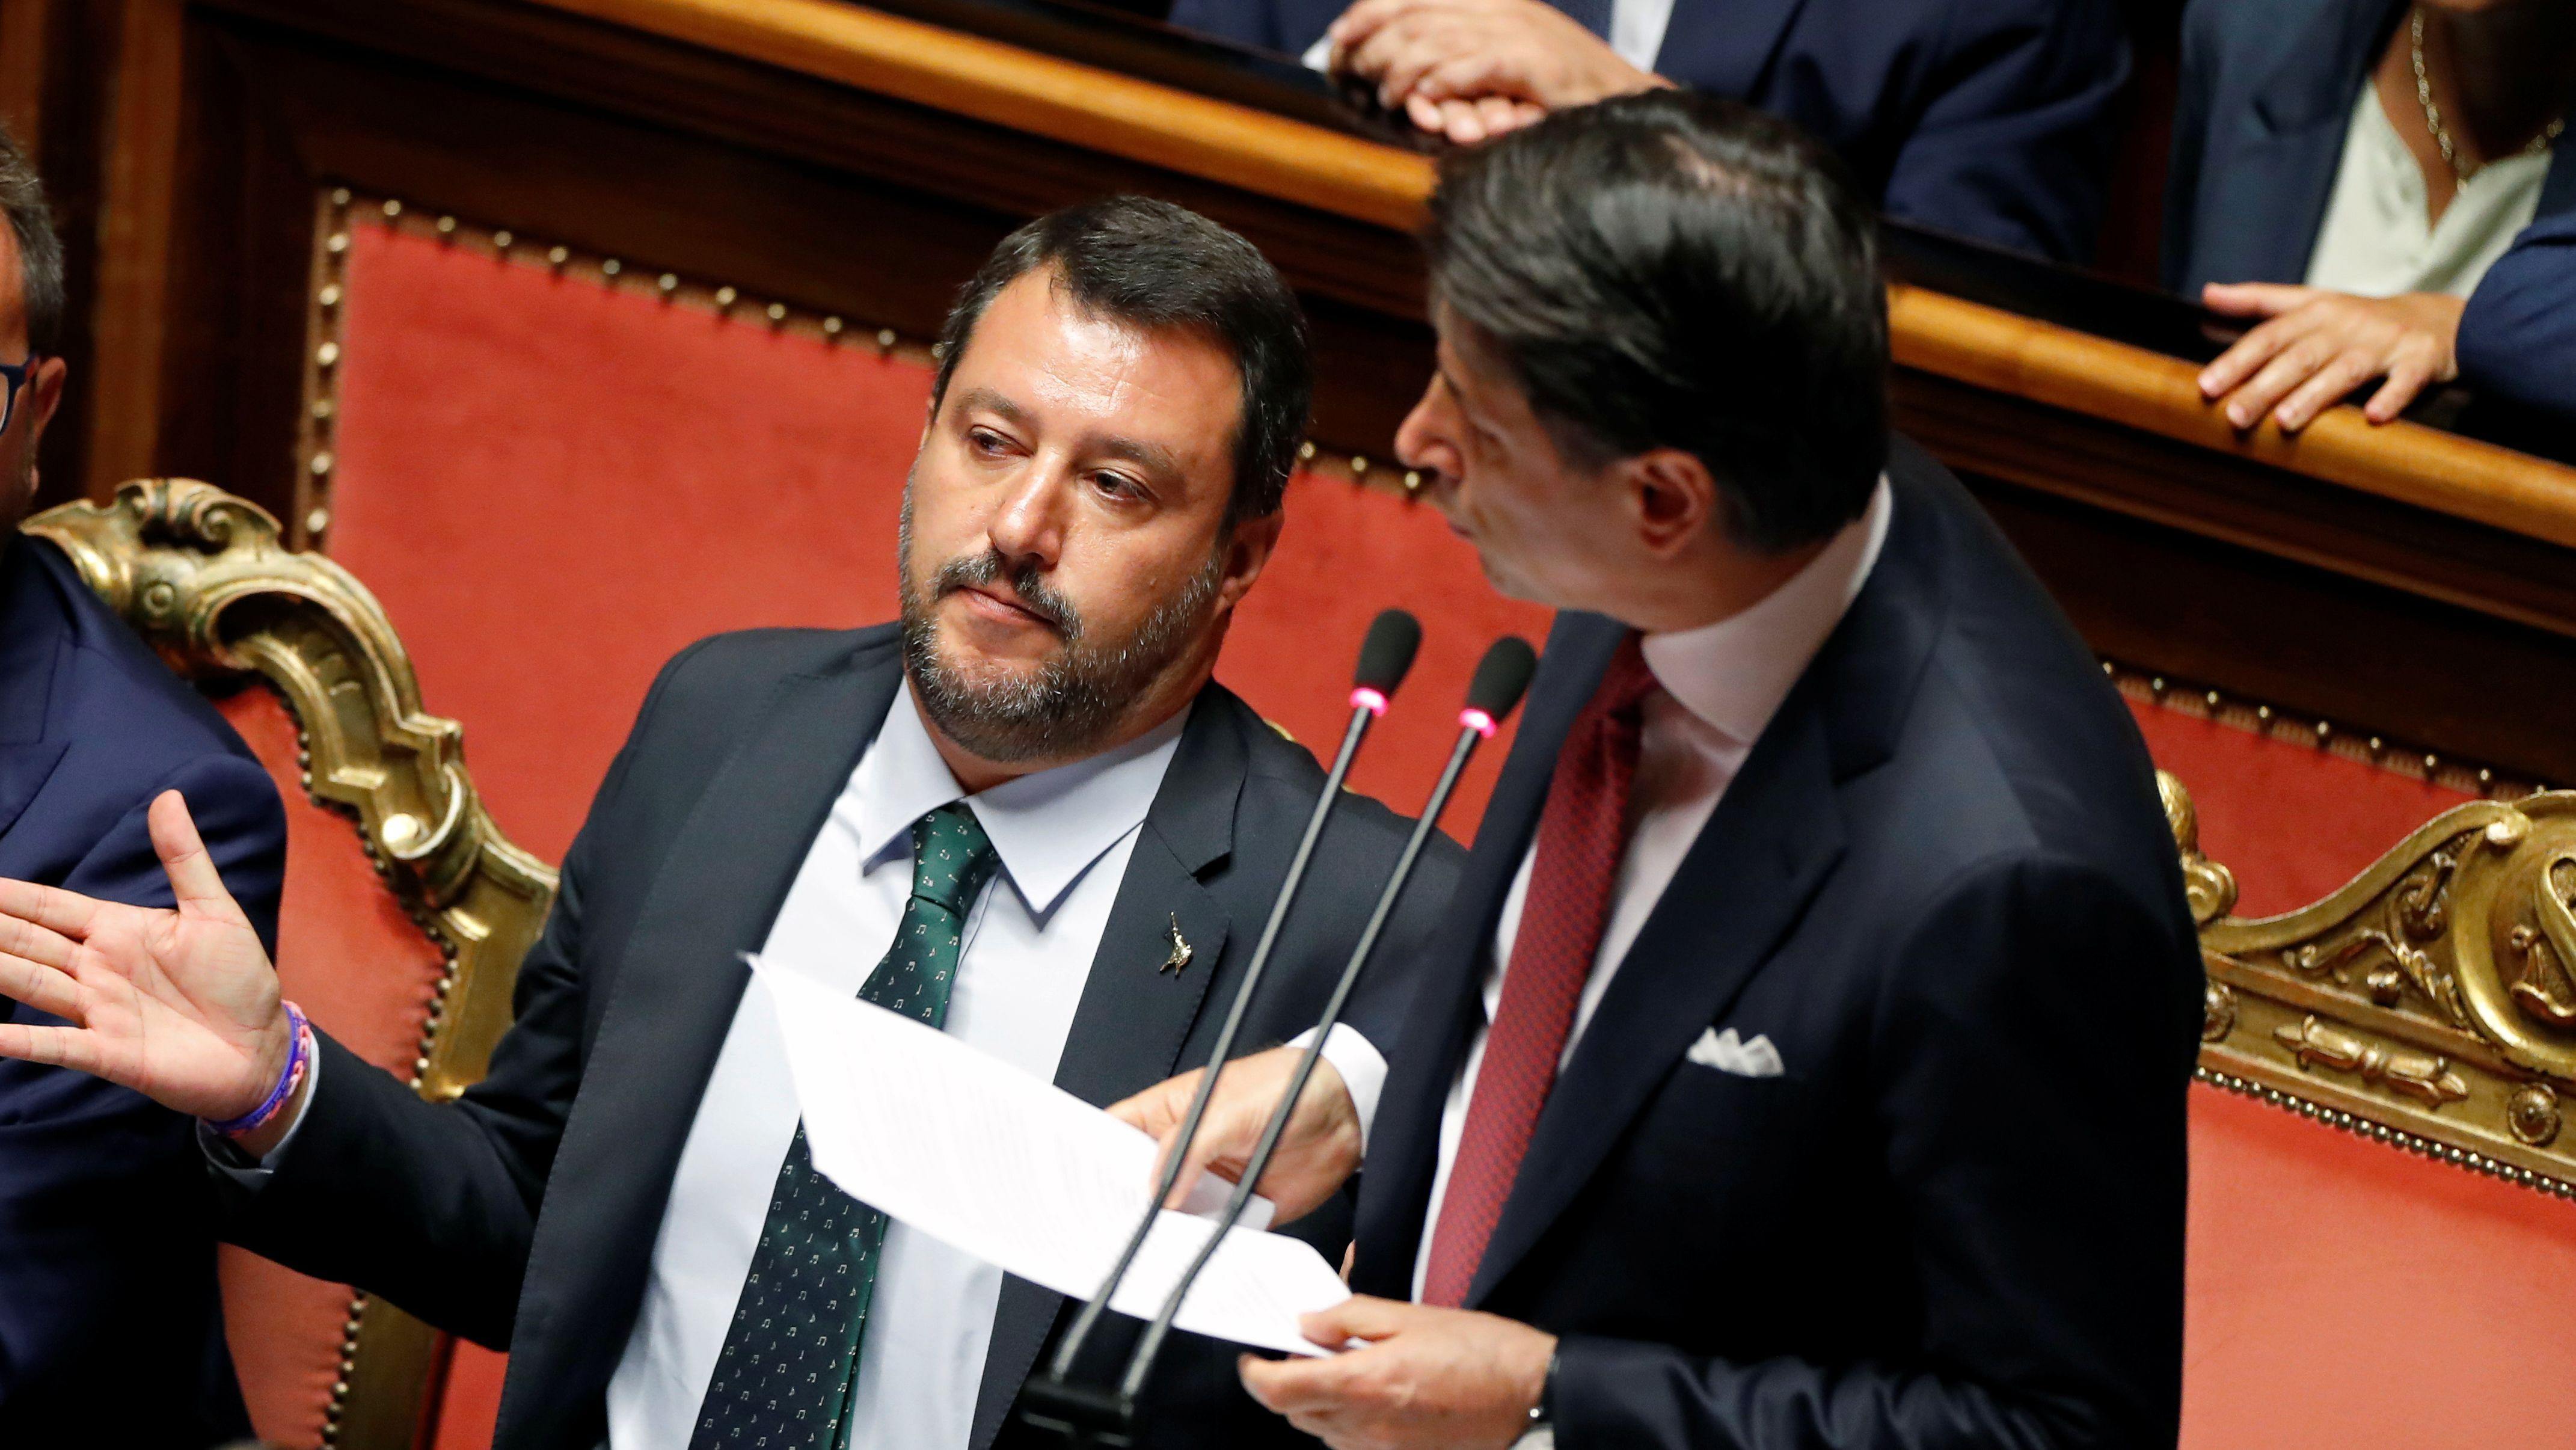 Giuseppe Conte und Innenminister Matteo Salvini im italienischen Parlament